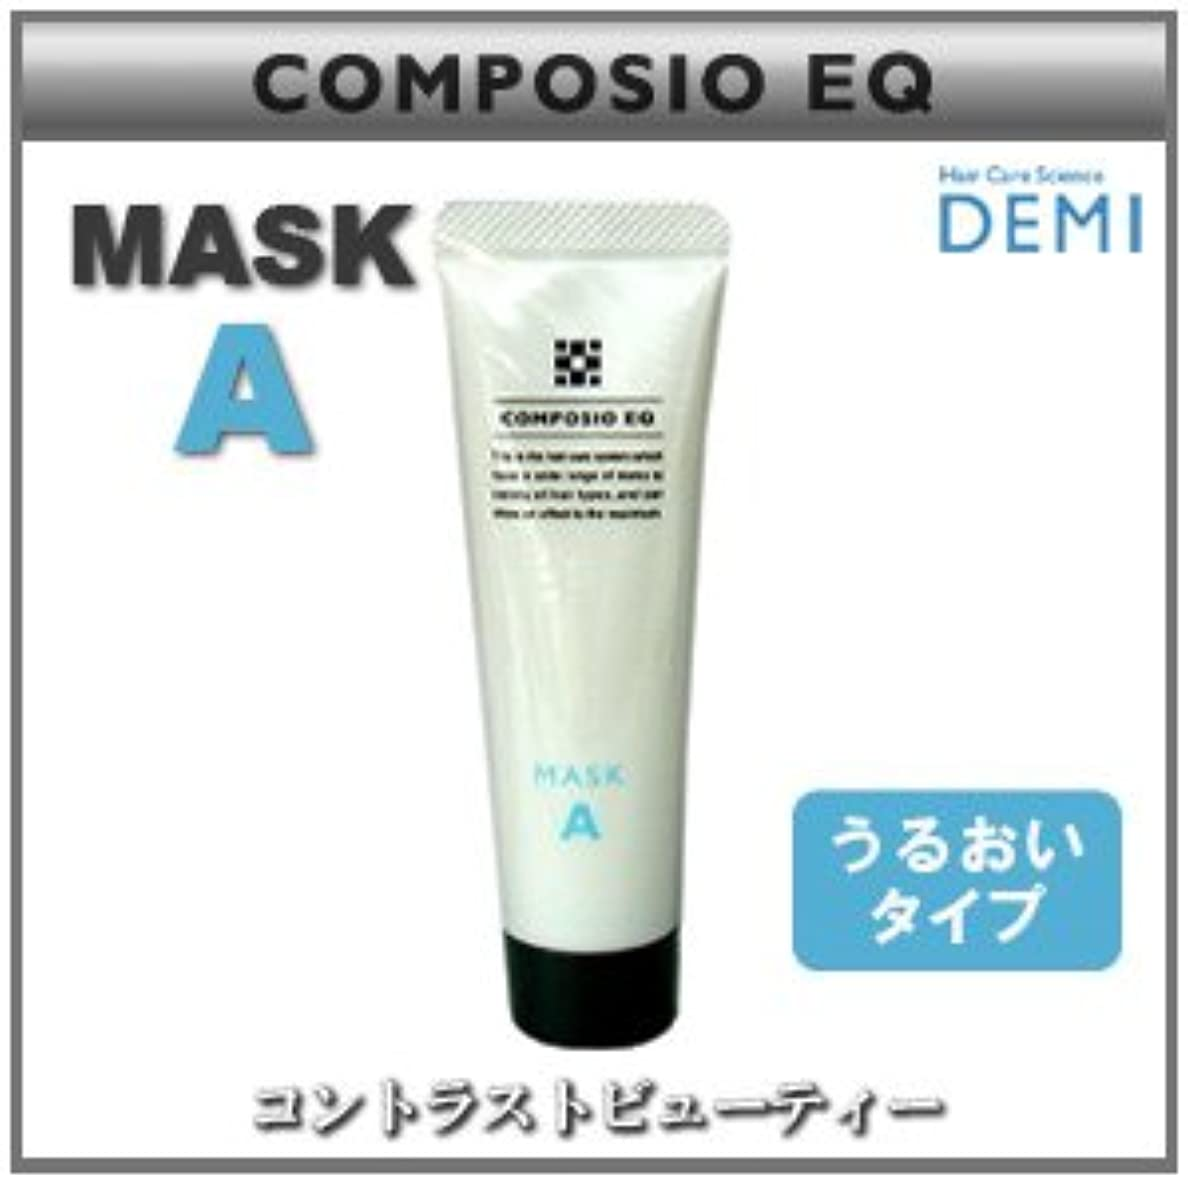 適合するカイウス発見する【X4個セット】 デミ コンポジオ EQ マスク A 50g